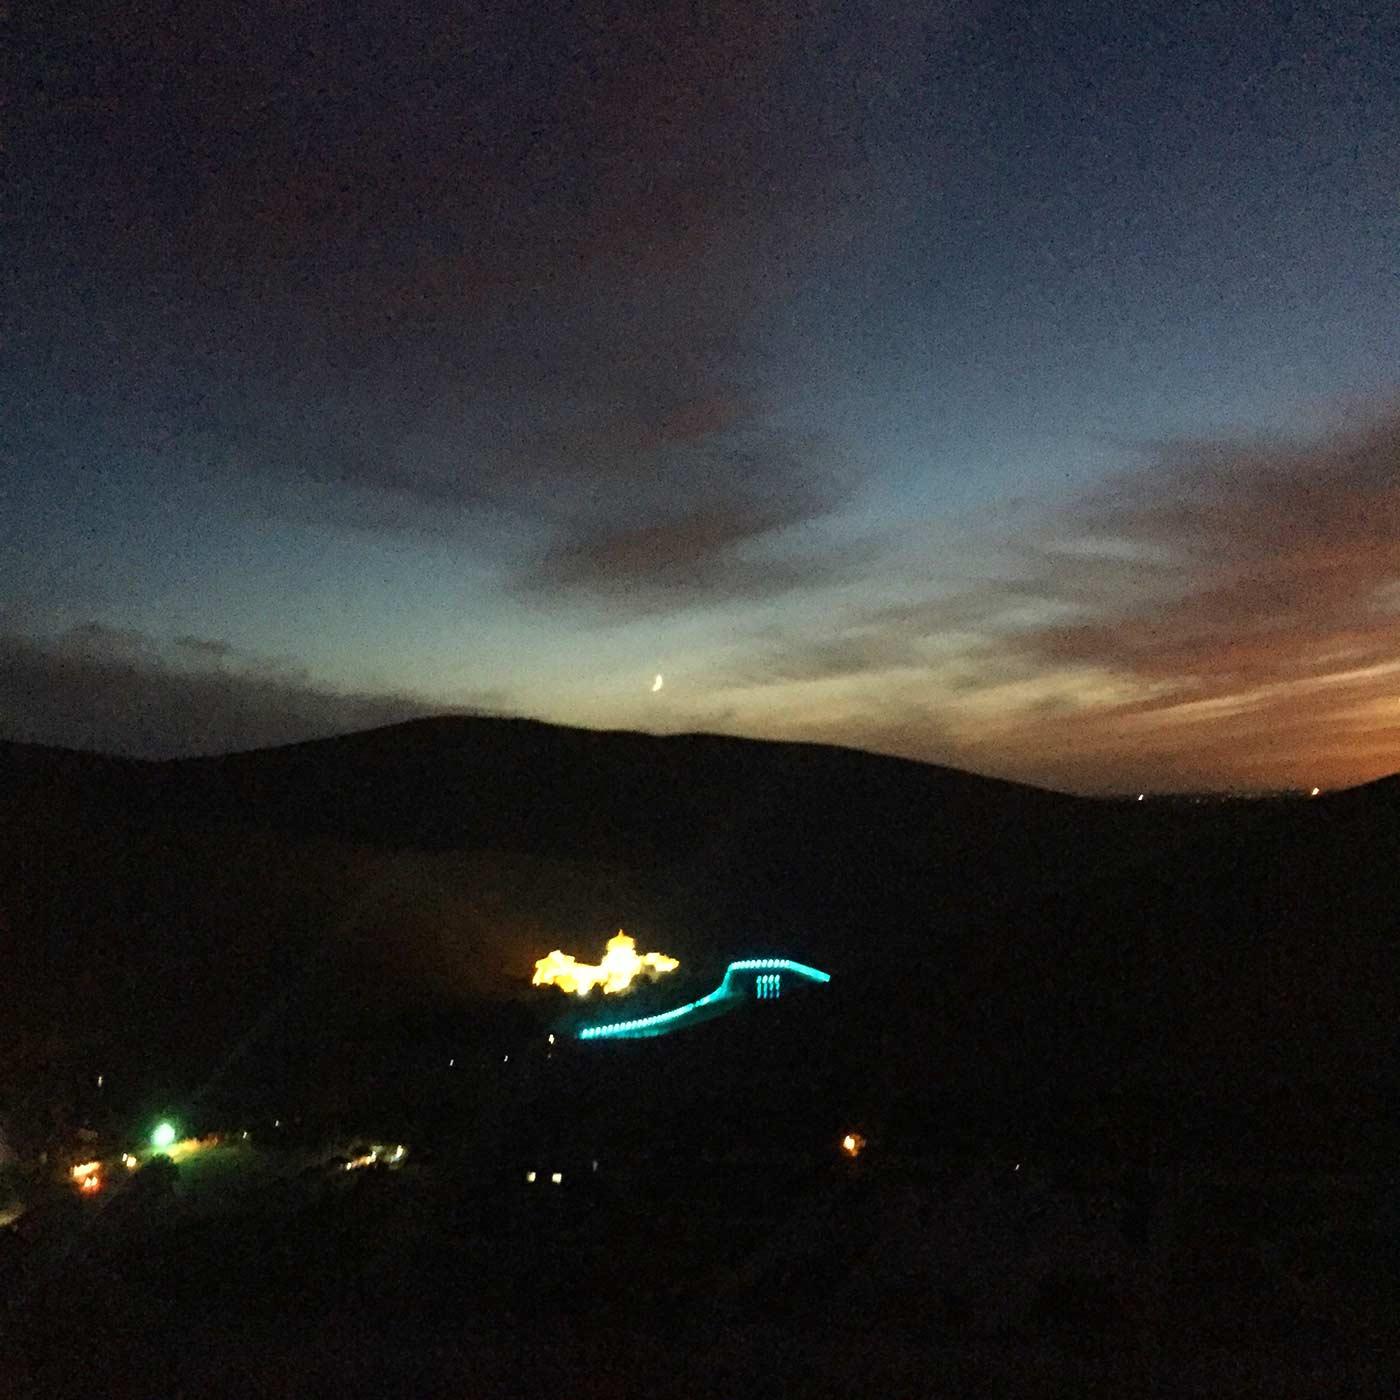 鸣沙山月牙泉夜景